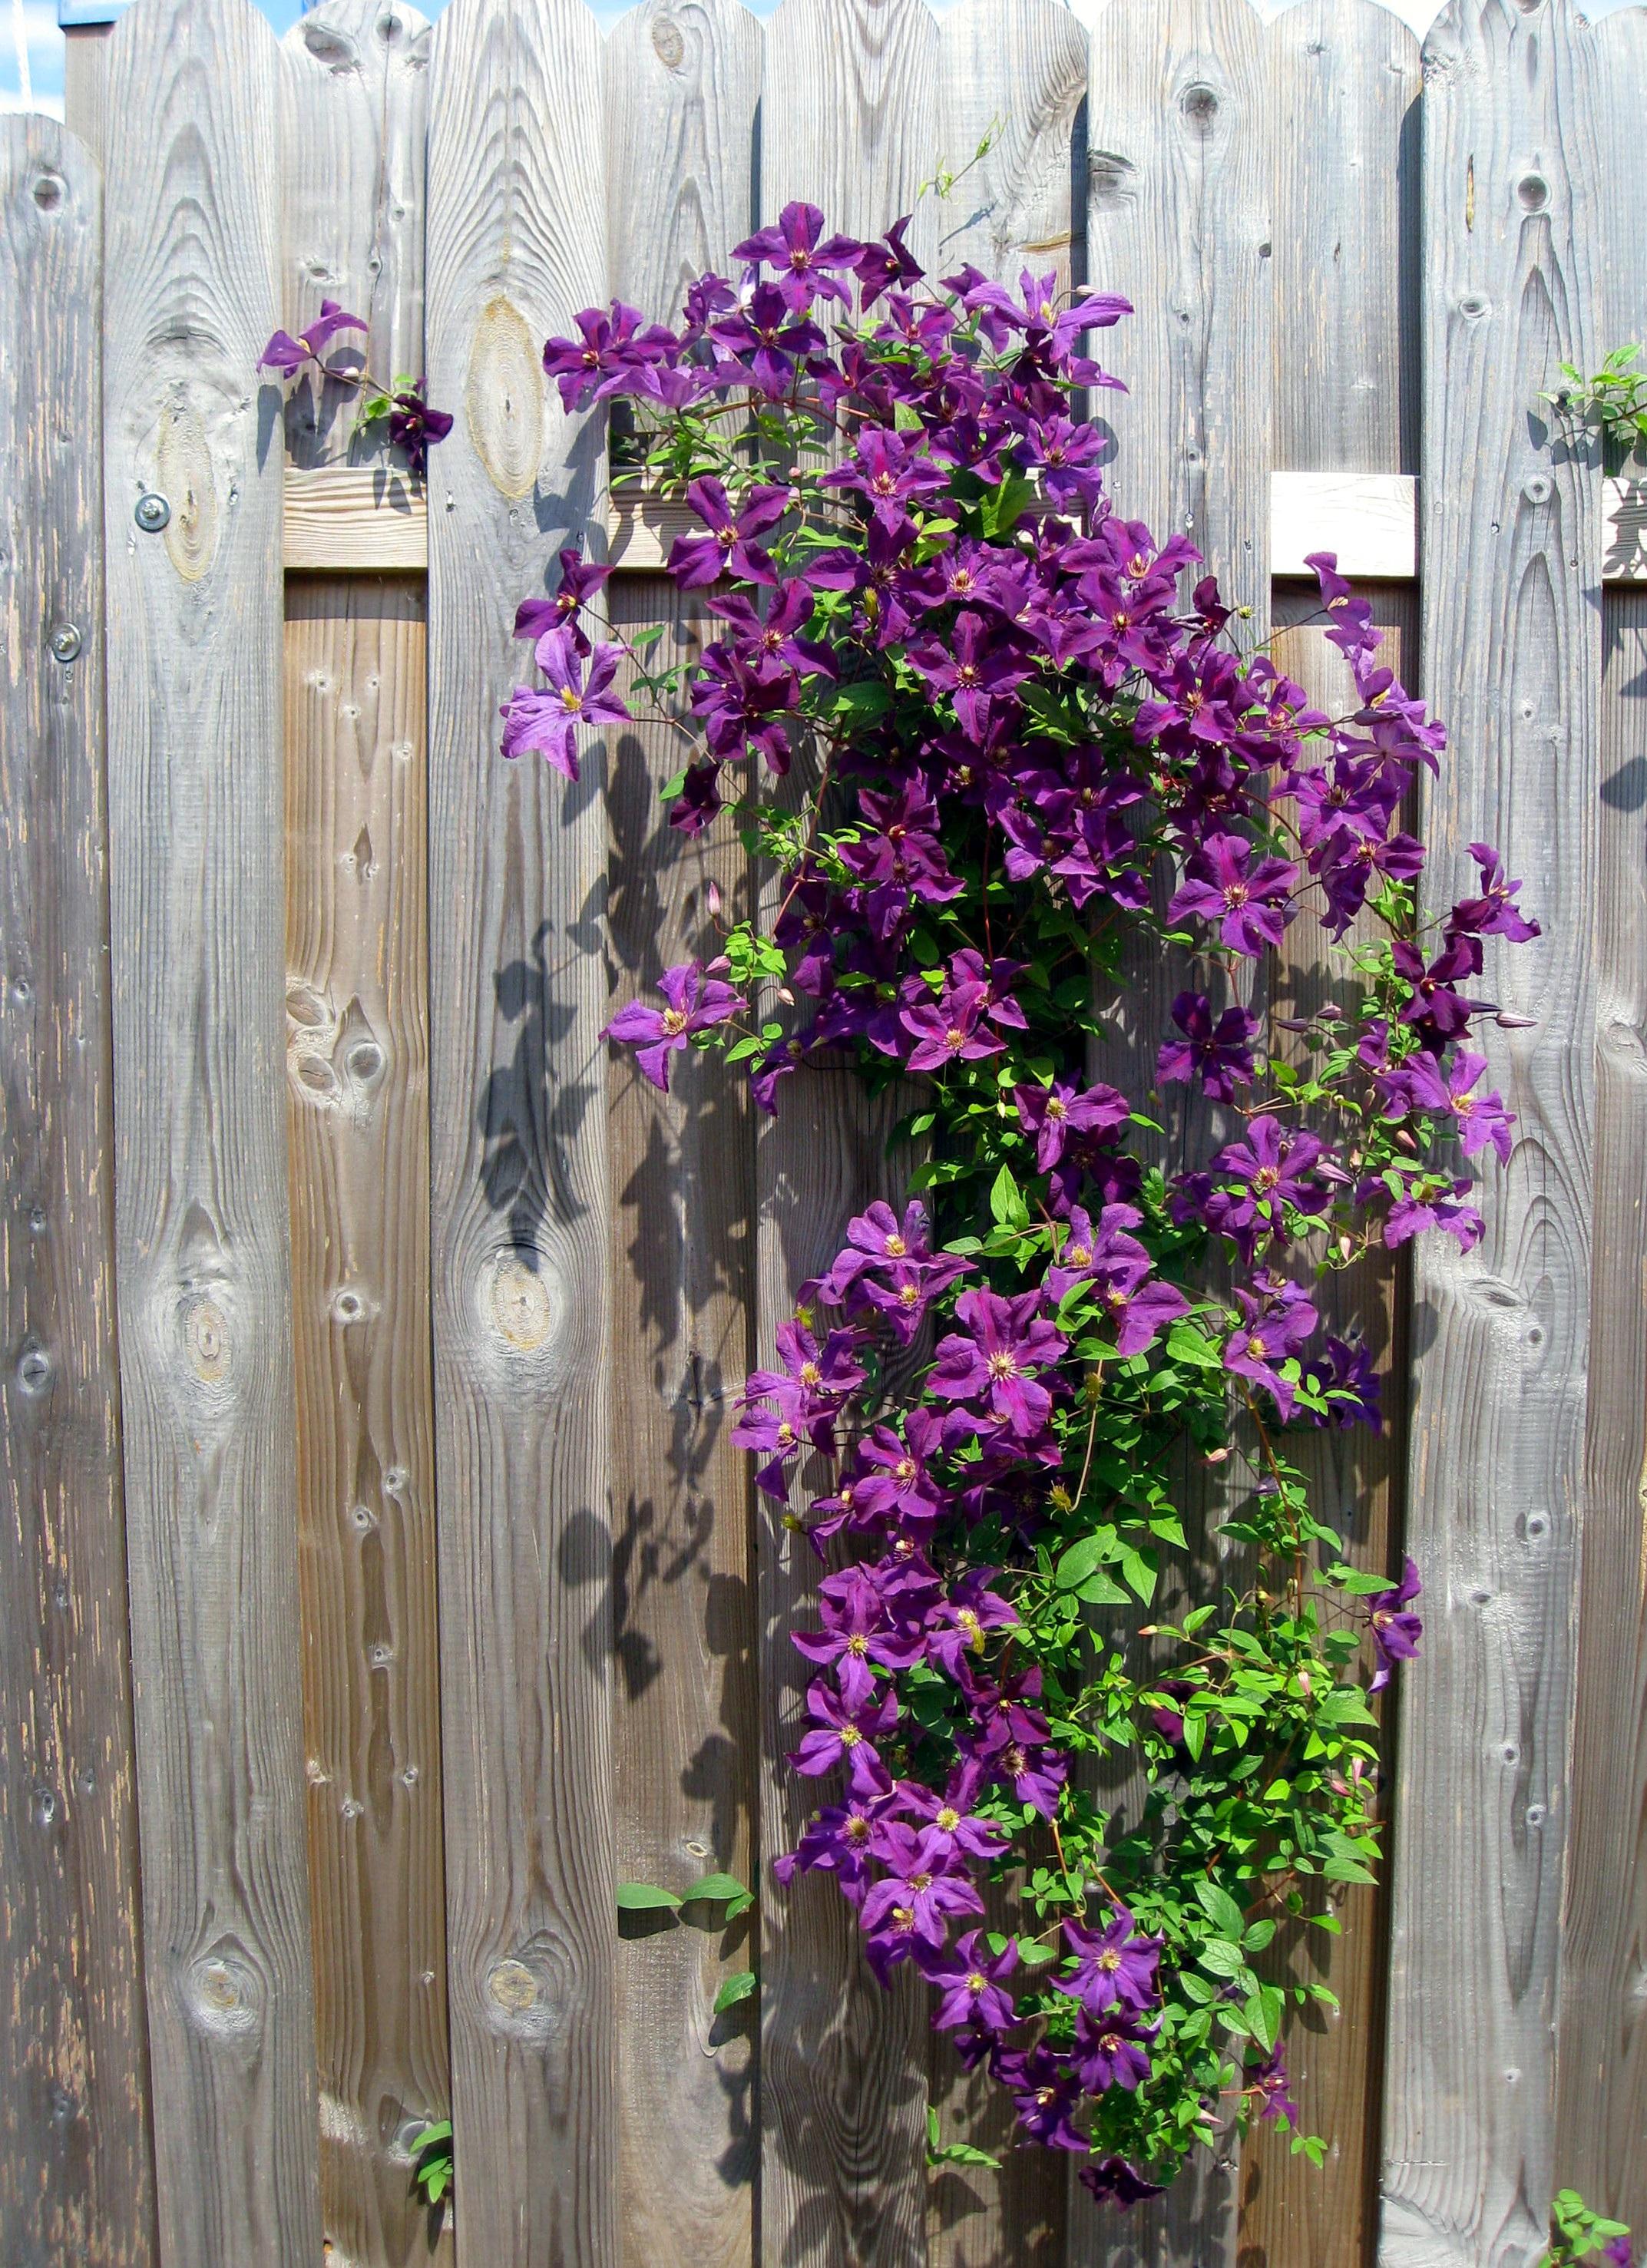 Kostenlose foto Natur Zaun Blume lila blühen Fenster